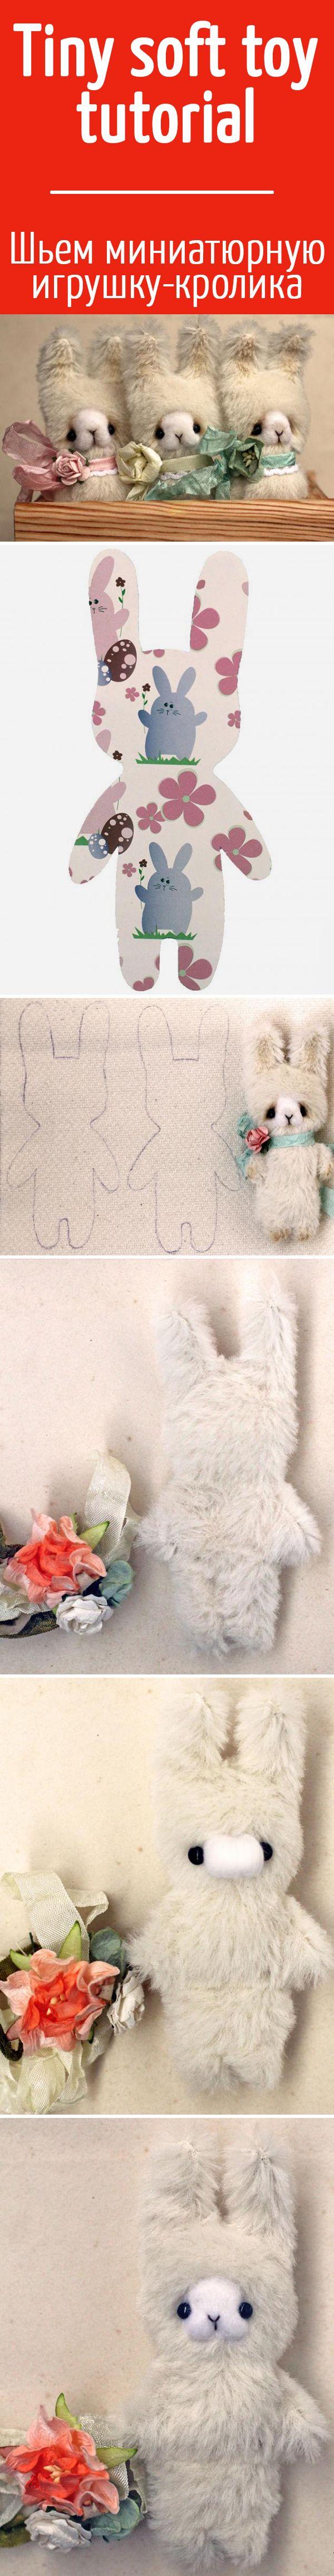 Шьем братца-кролика: чудесная игрушка в стиле примитив за семь простых шагов / Sew a tiny soft toy tutorial